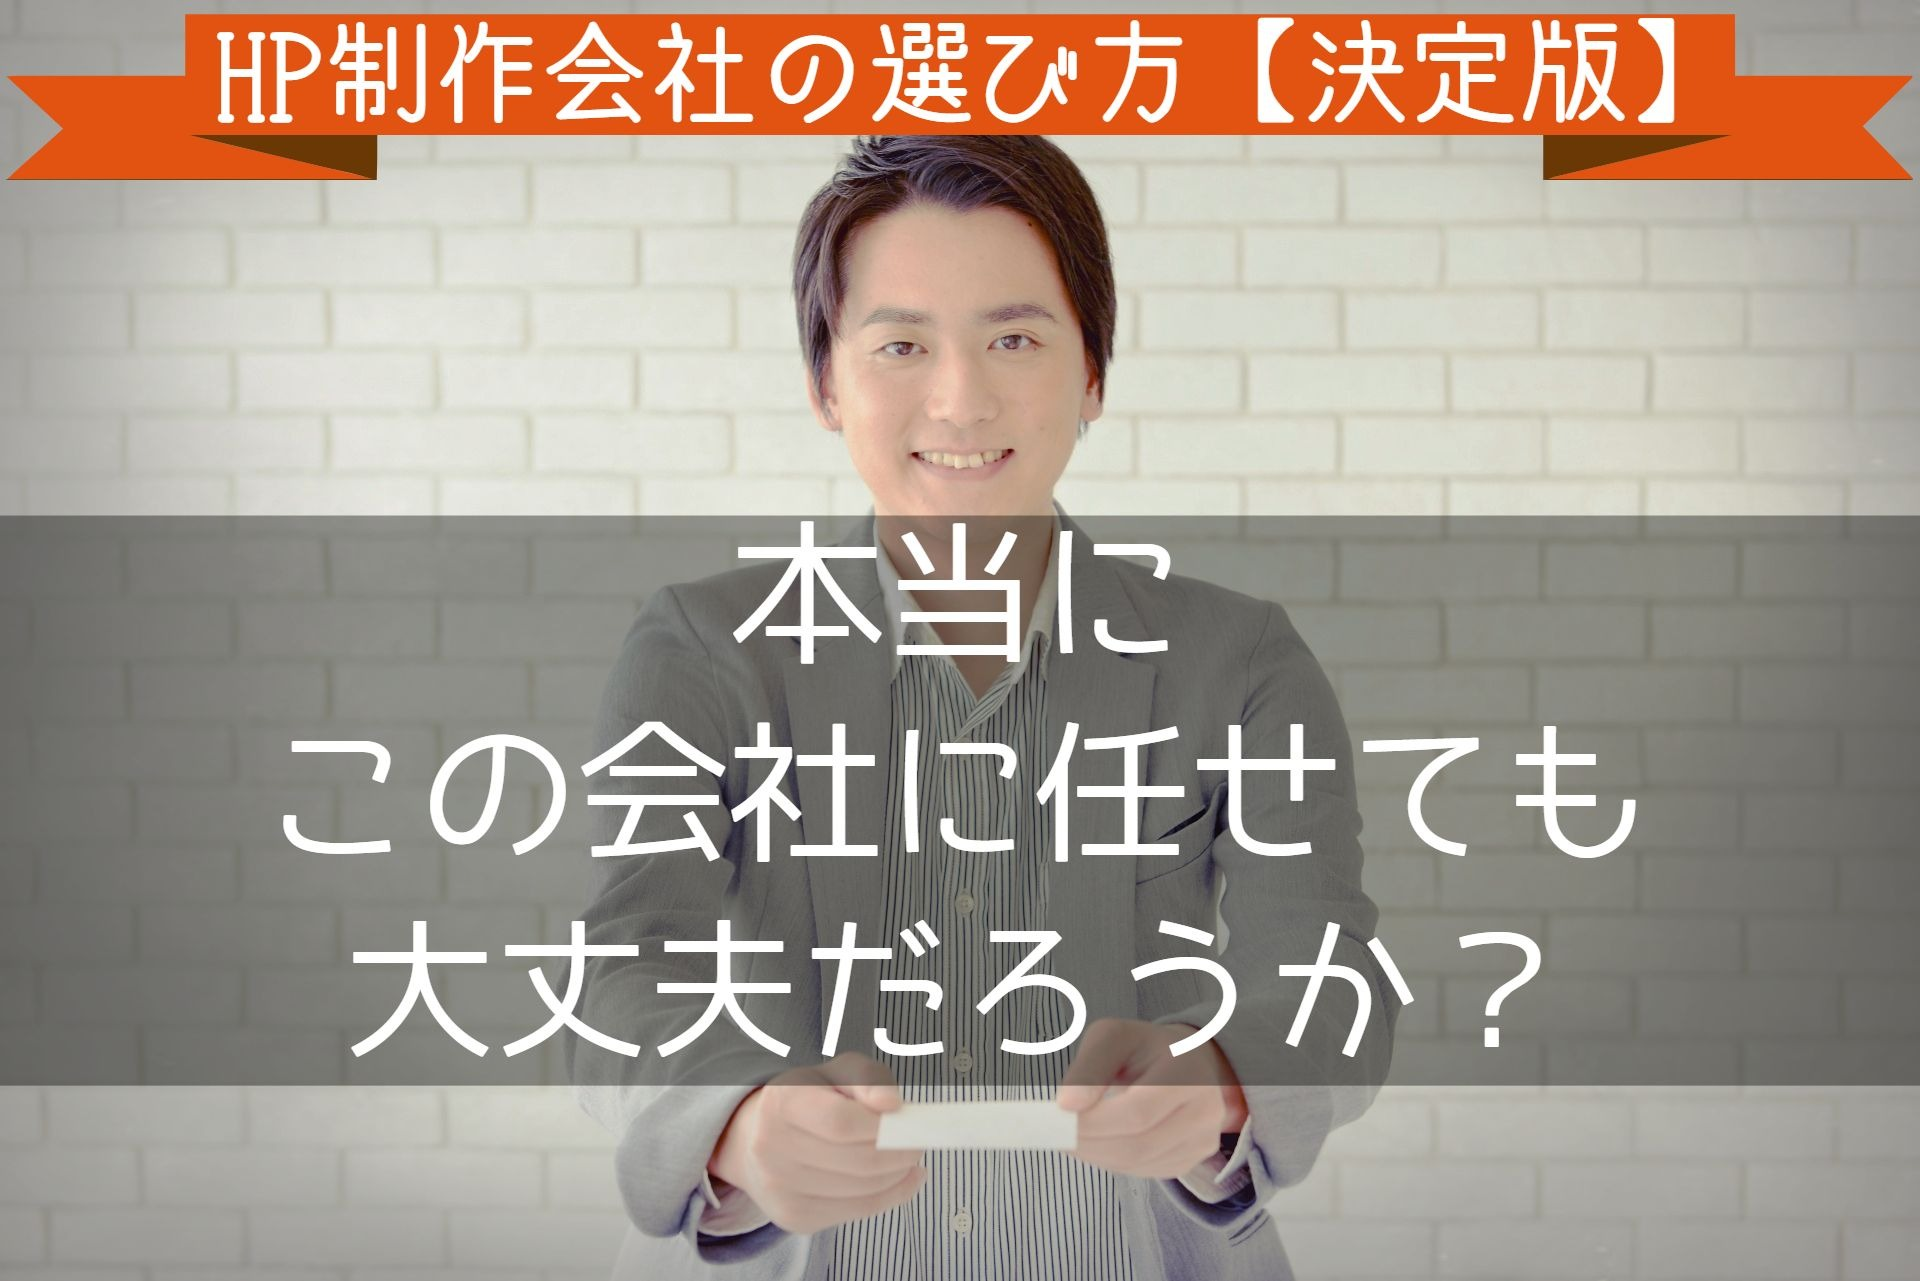 浜松ホームページ制作会社